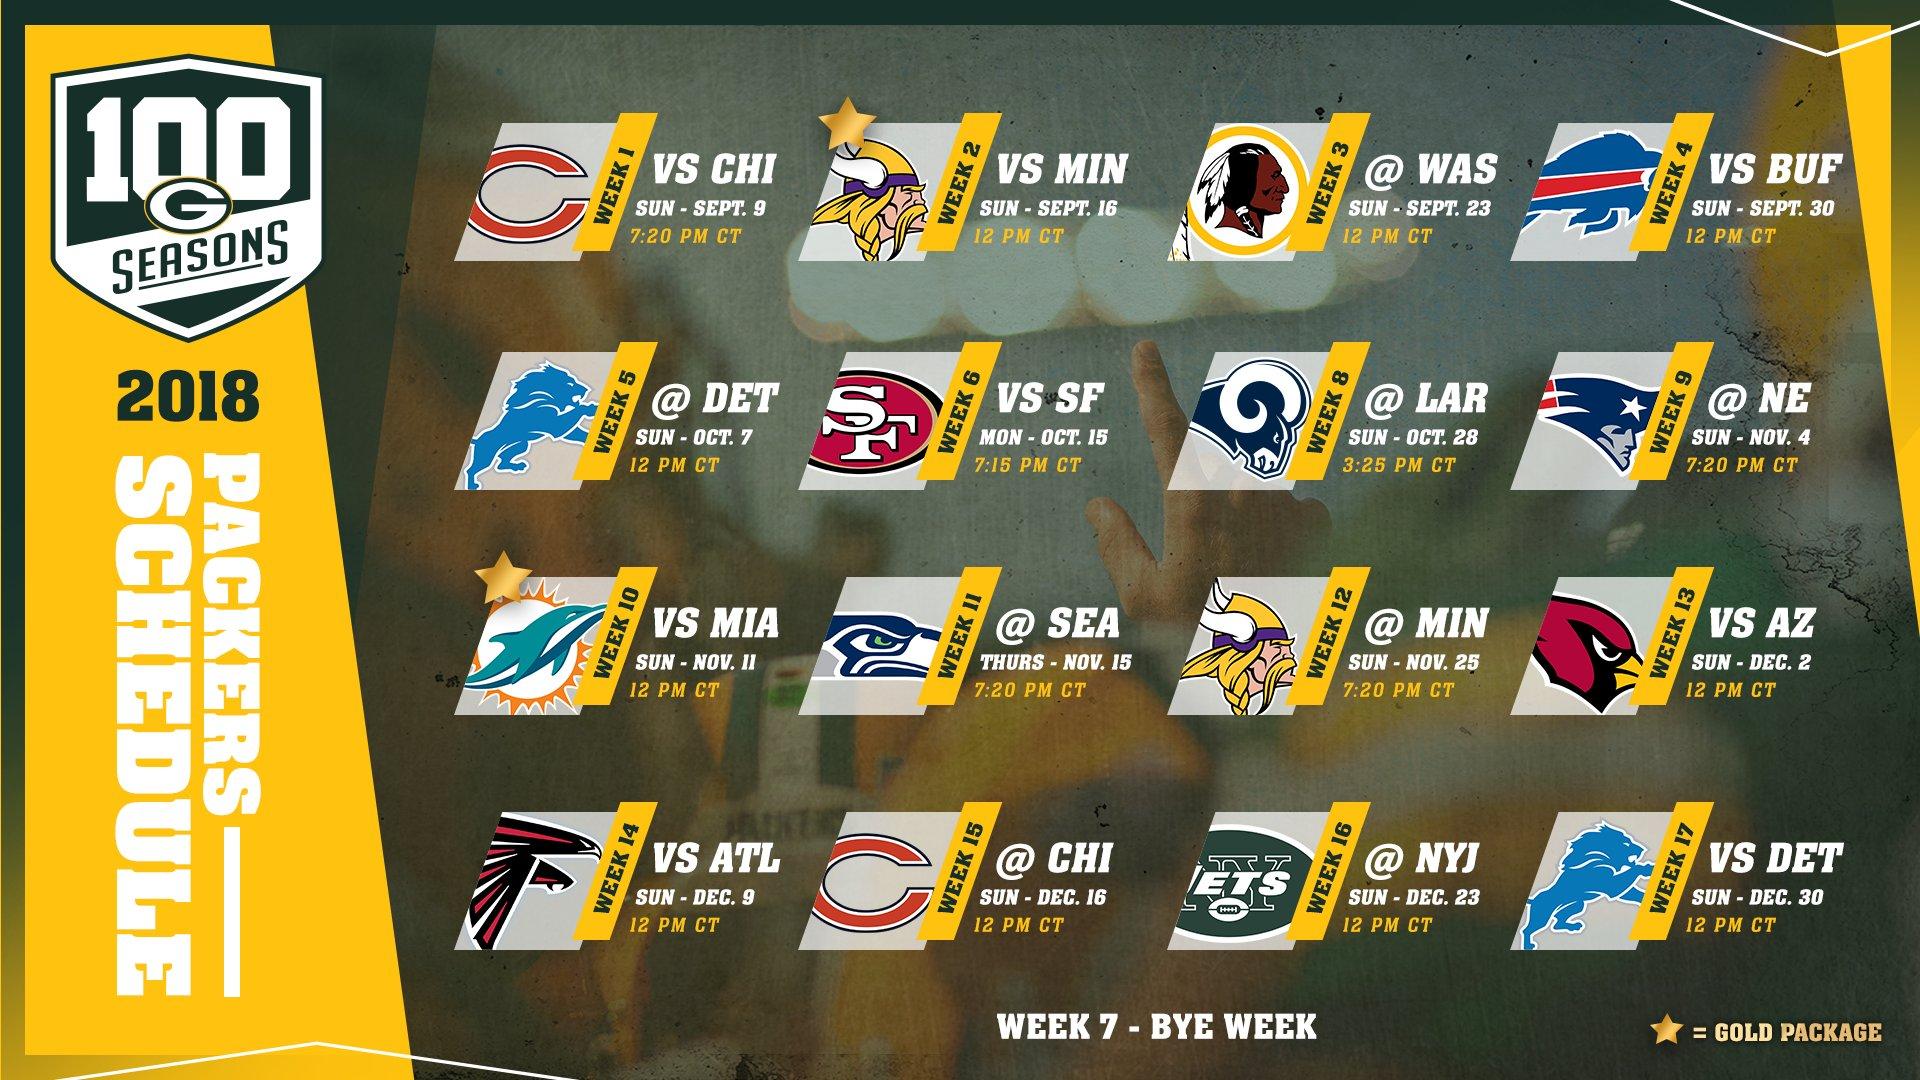 The 2018 Green Bay #Packers schedule is set!  ��: https://t.co/11LbDm9kMY   #ScheduleRelease2018 #GoPackGo https://t.co/8Se6m8MRZ6